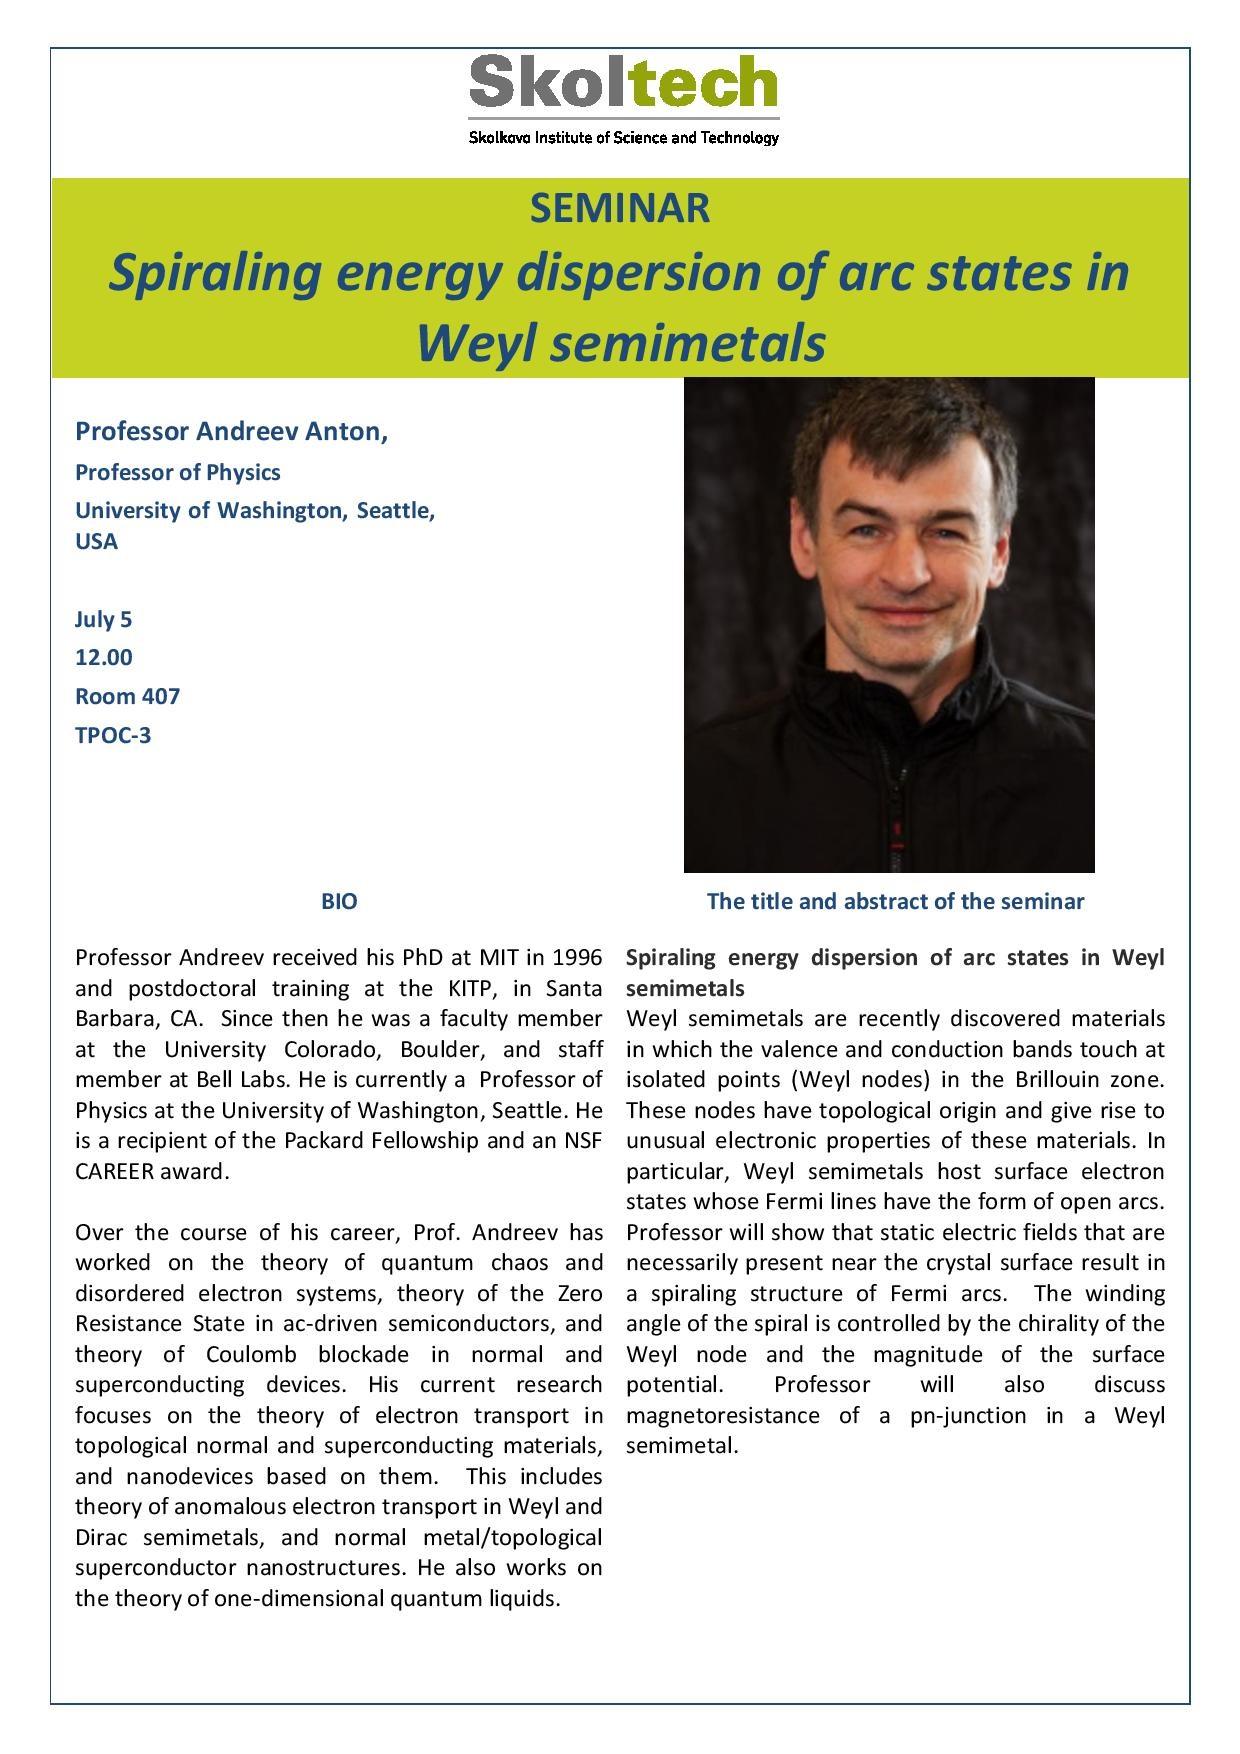 seminar-andreev-anton-page-001